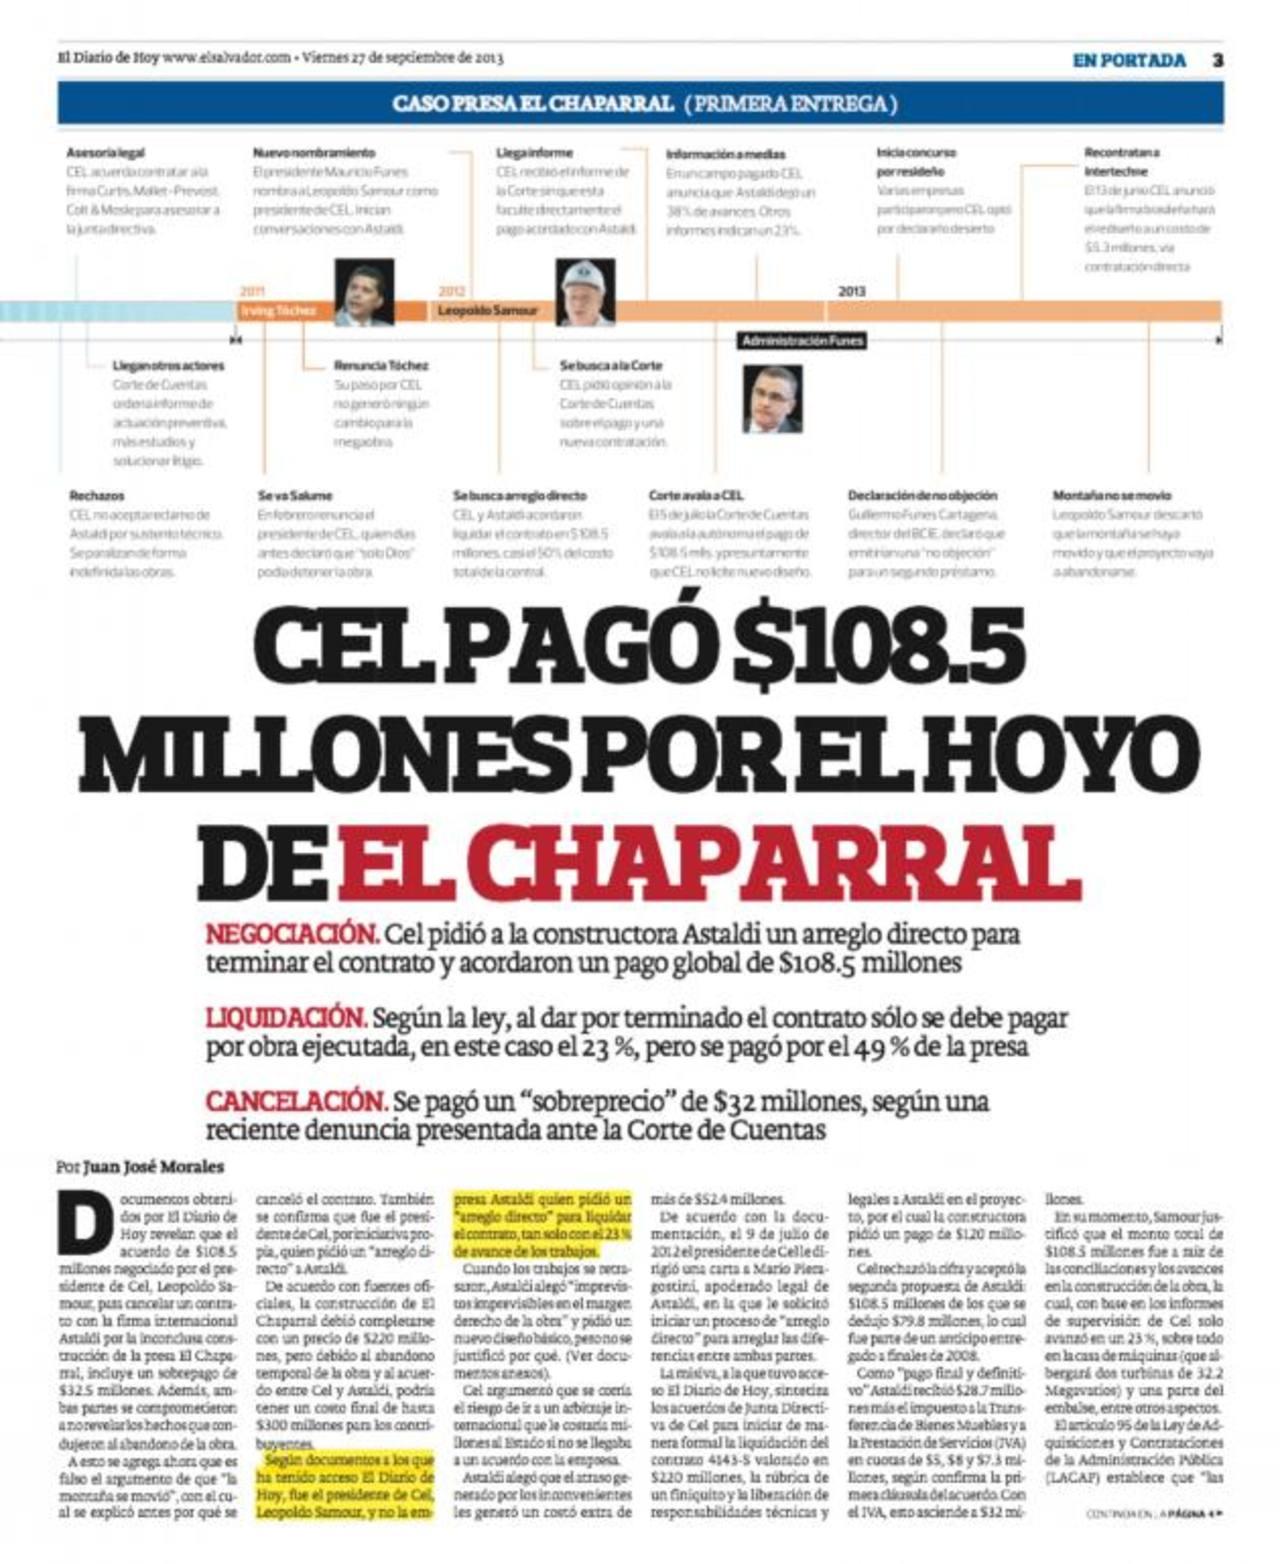 Cel expone justificaciones sobre pago por El Chaparral